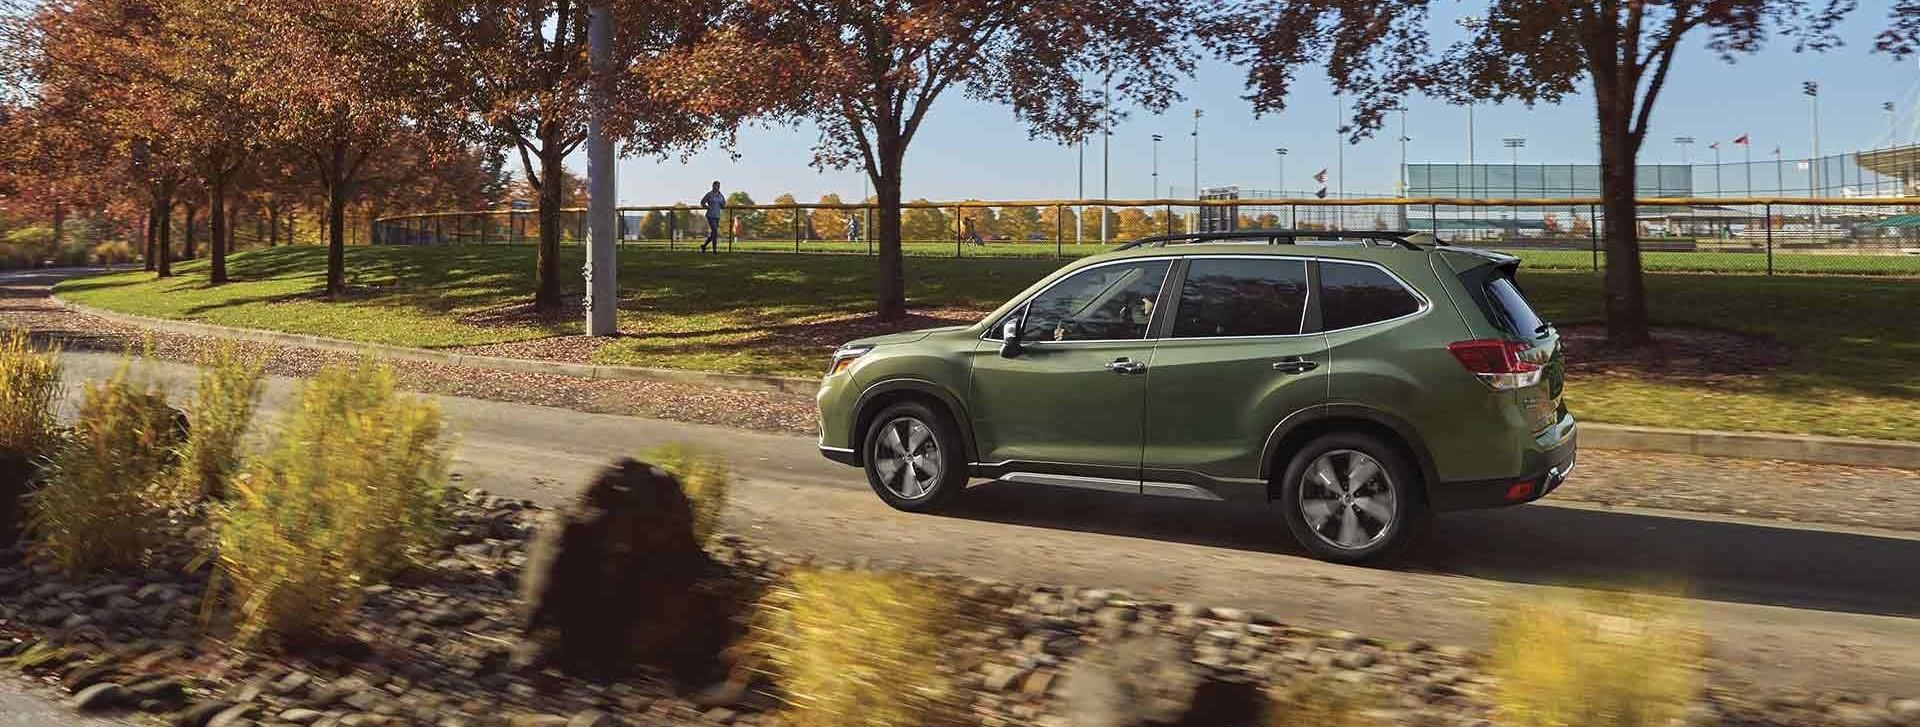 Subaru Dealer Near Me >> Princeton Subaru Dealer